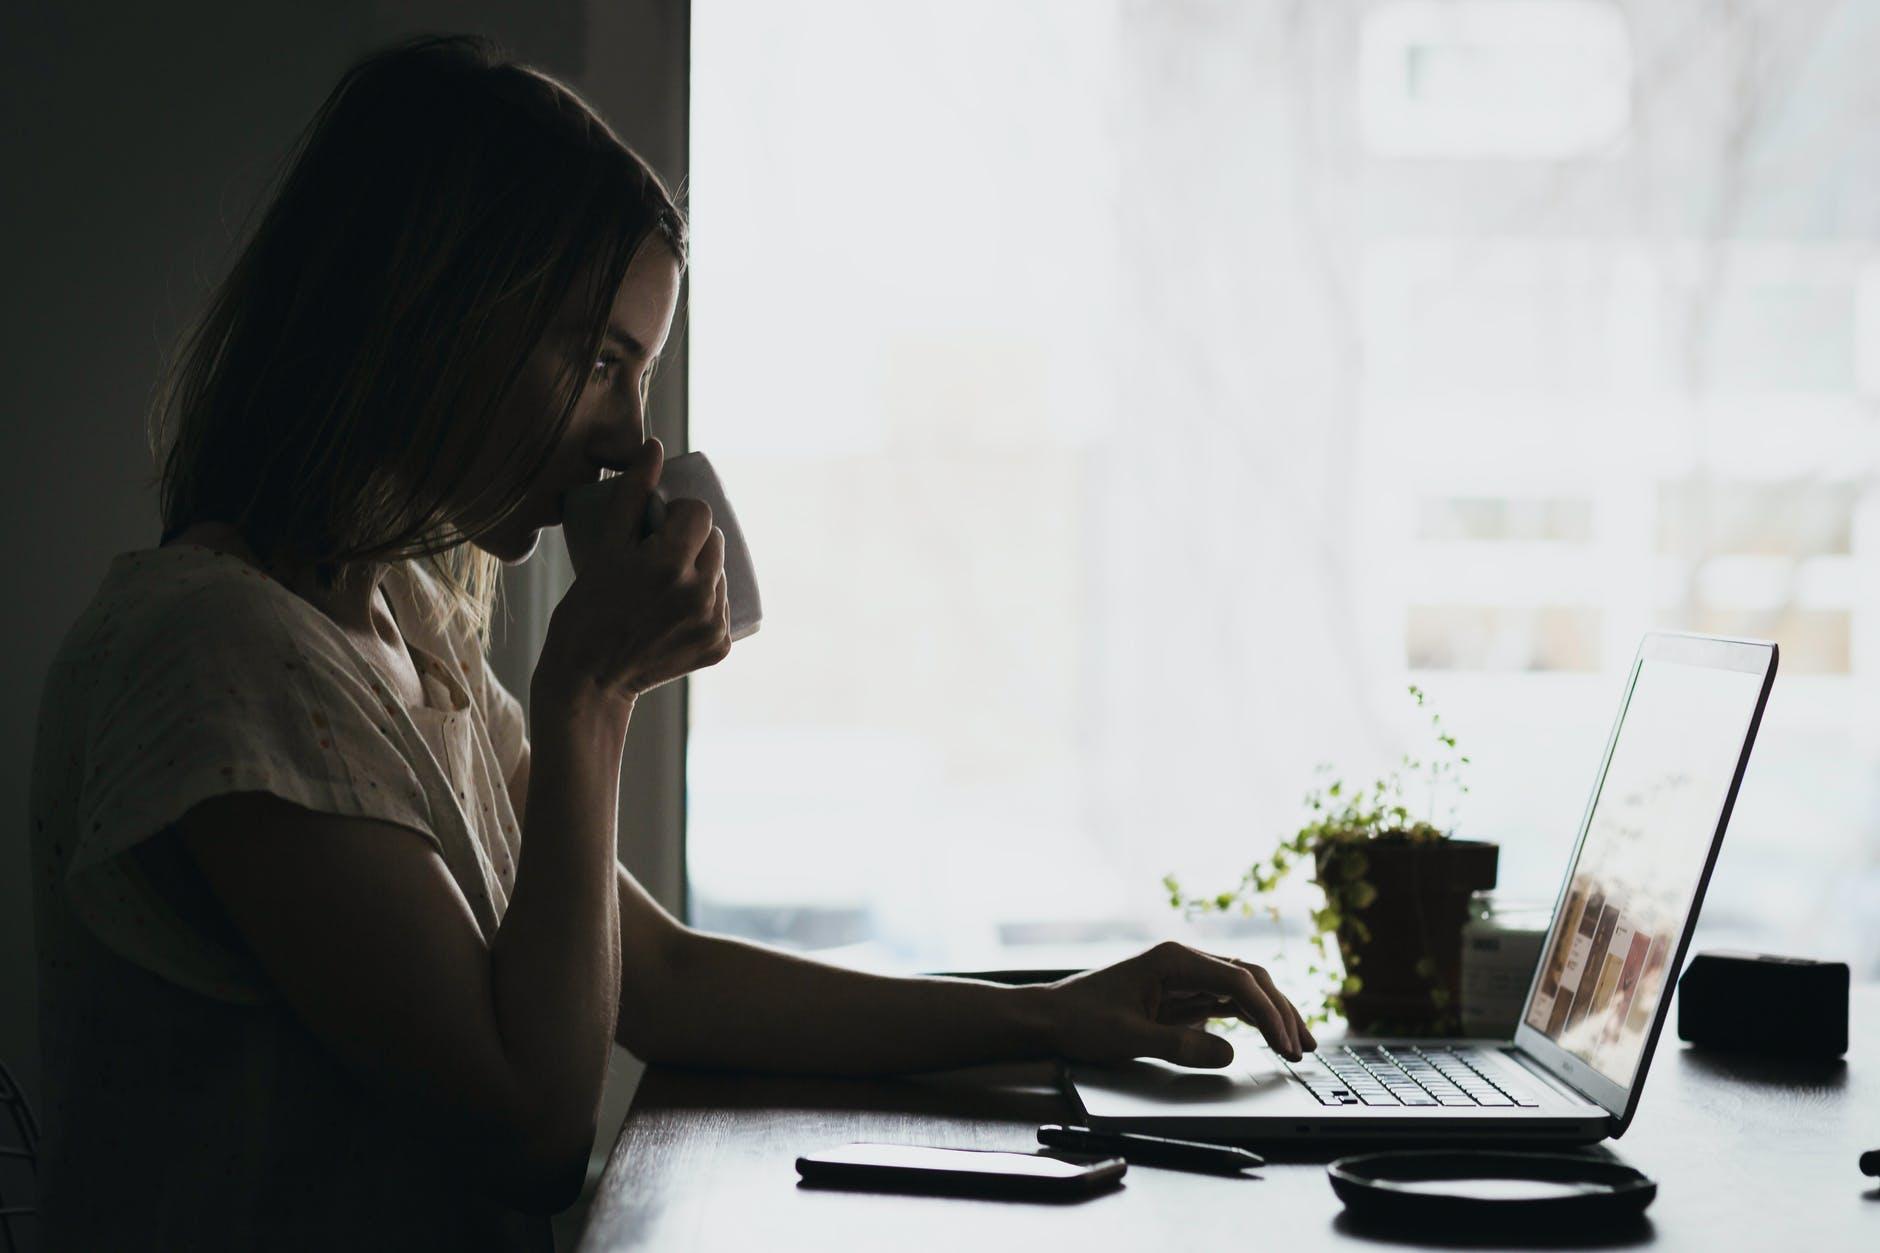 Droit du travail intérim : les informations pertinentes à connaître